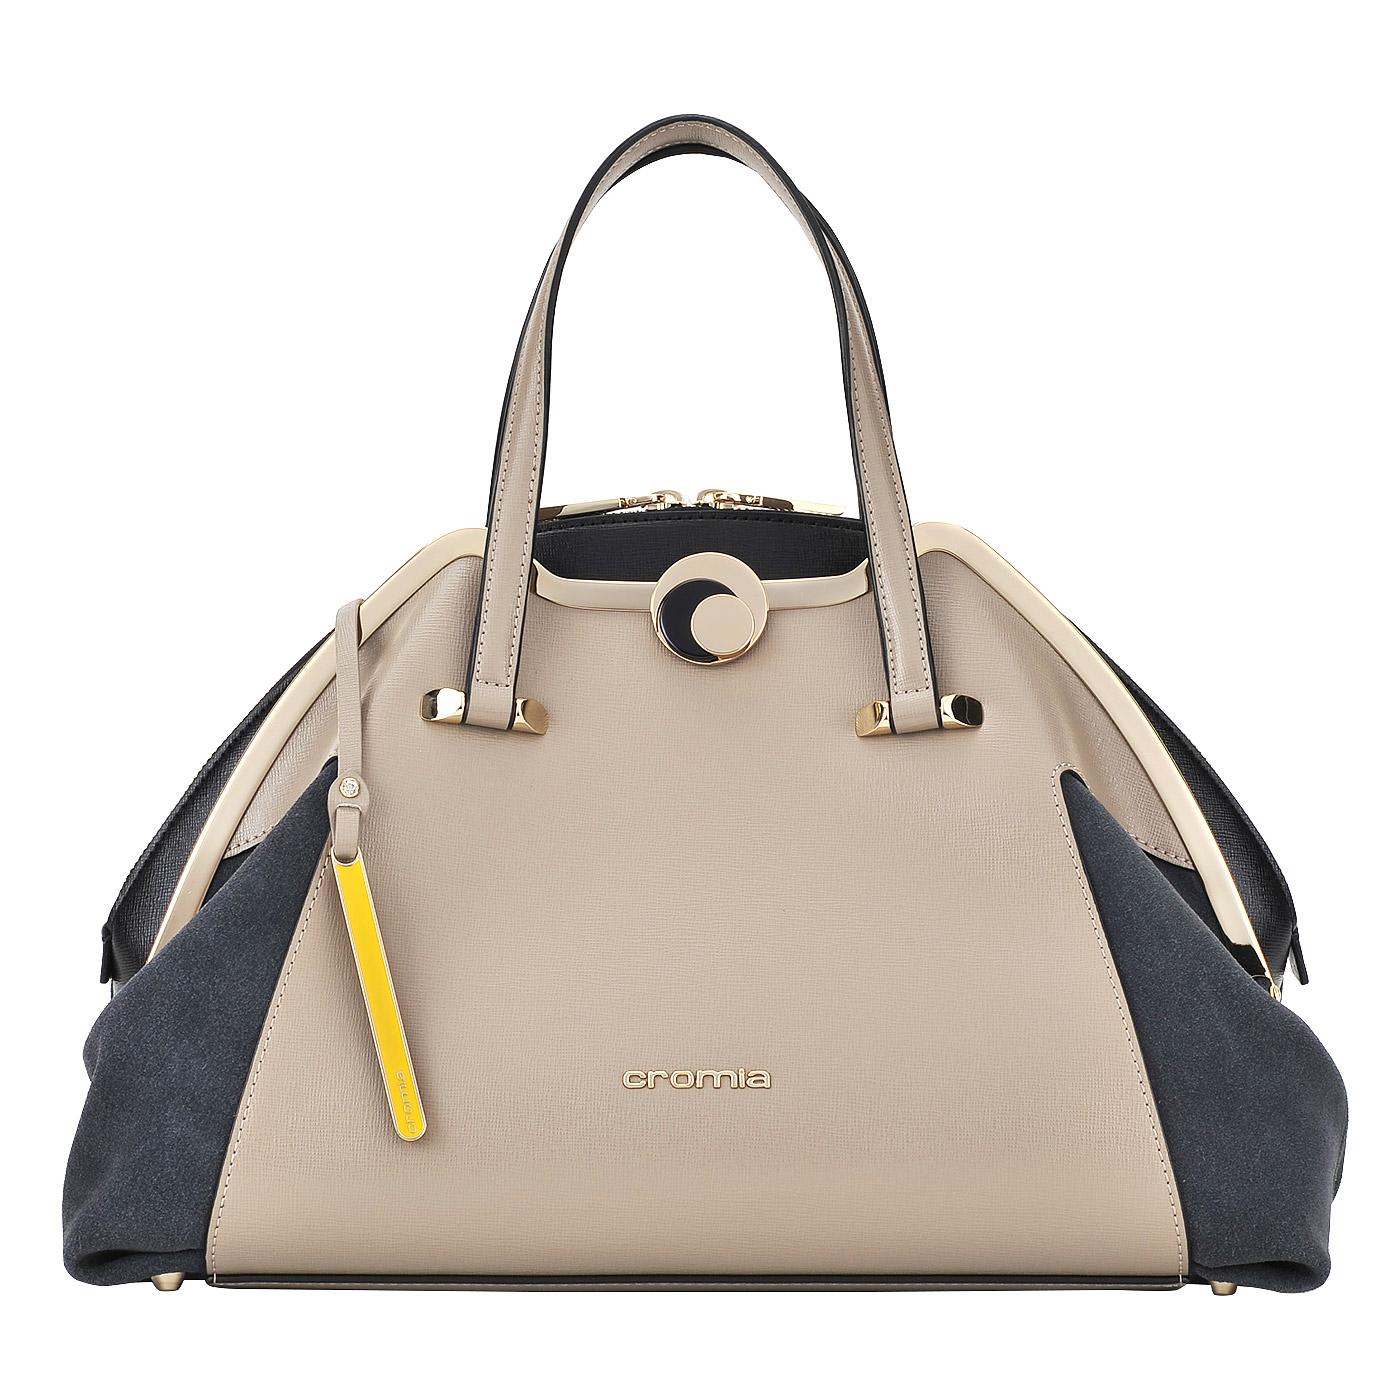 СумкаКлассические сумки<br>Cromia, Iris, сумка жен, н/к, сафьян/замша, серо-кор+брелок<br>